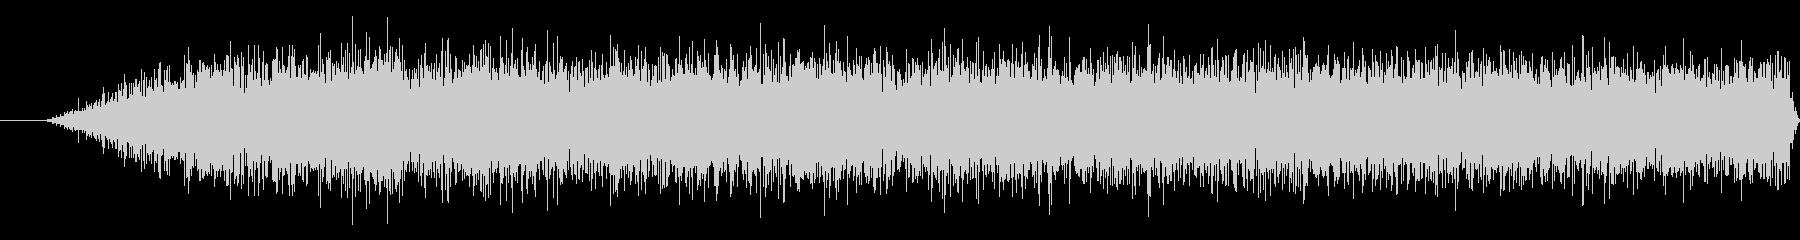 プロペラの回転音の未再生の波形